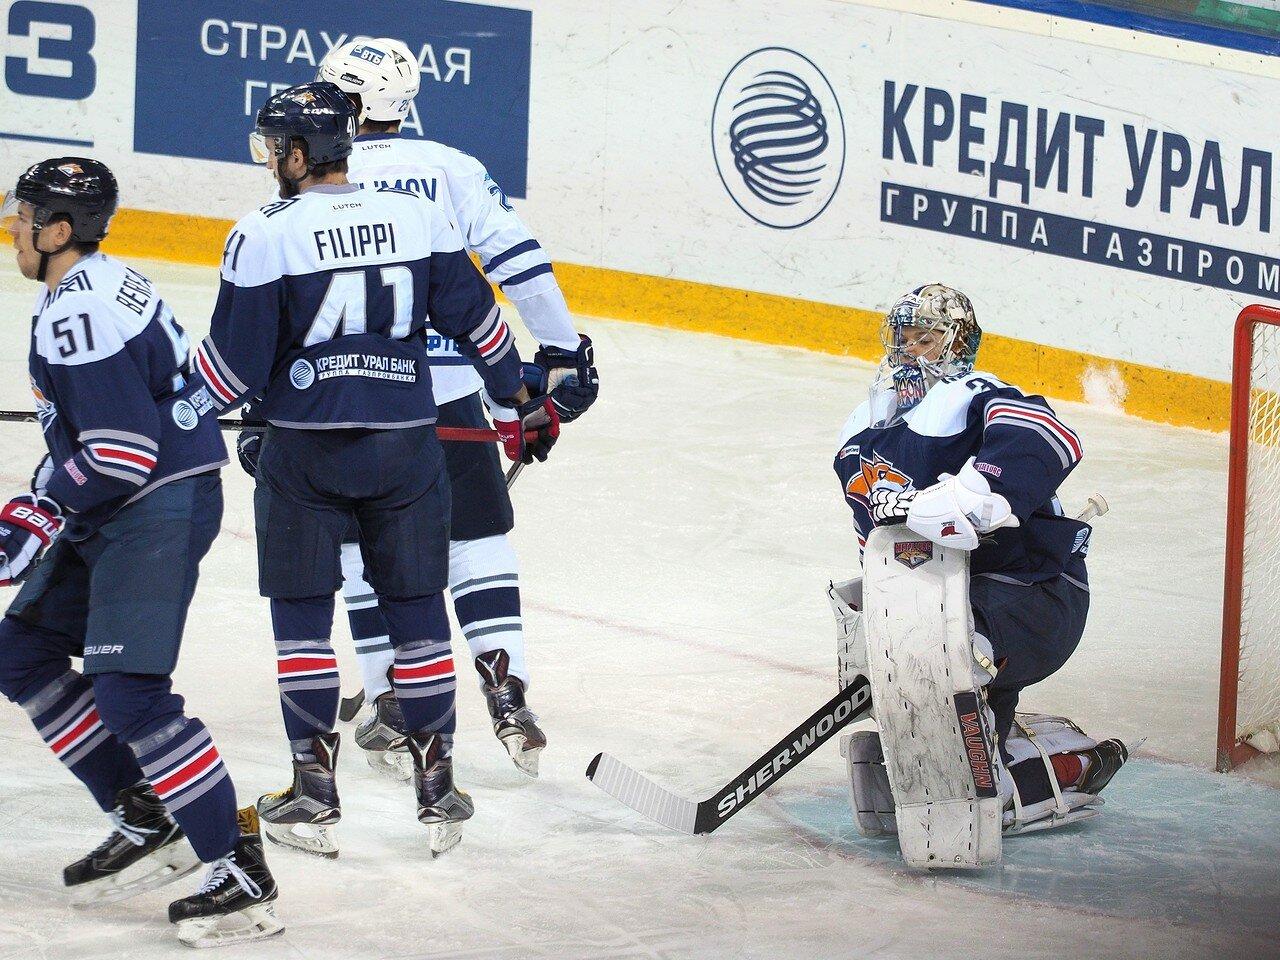 75Металлург - Динамо Москва 21.11.2016